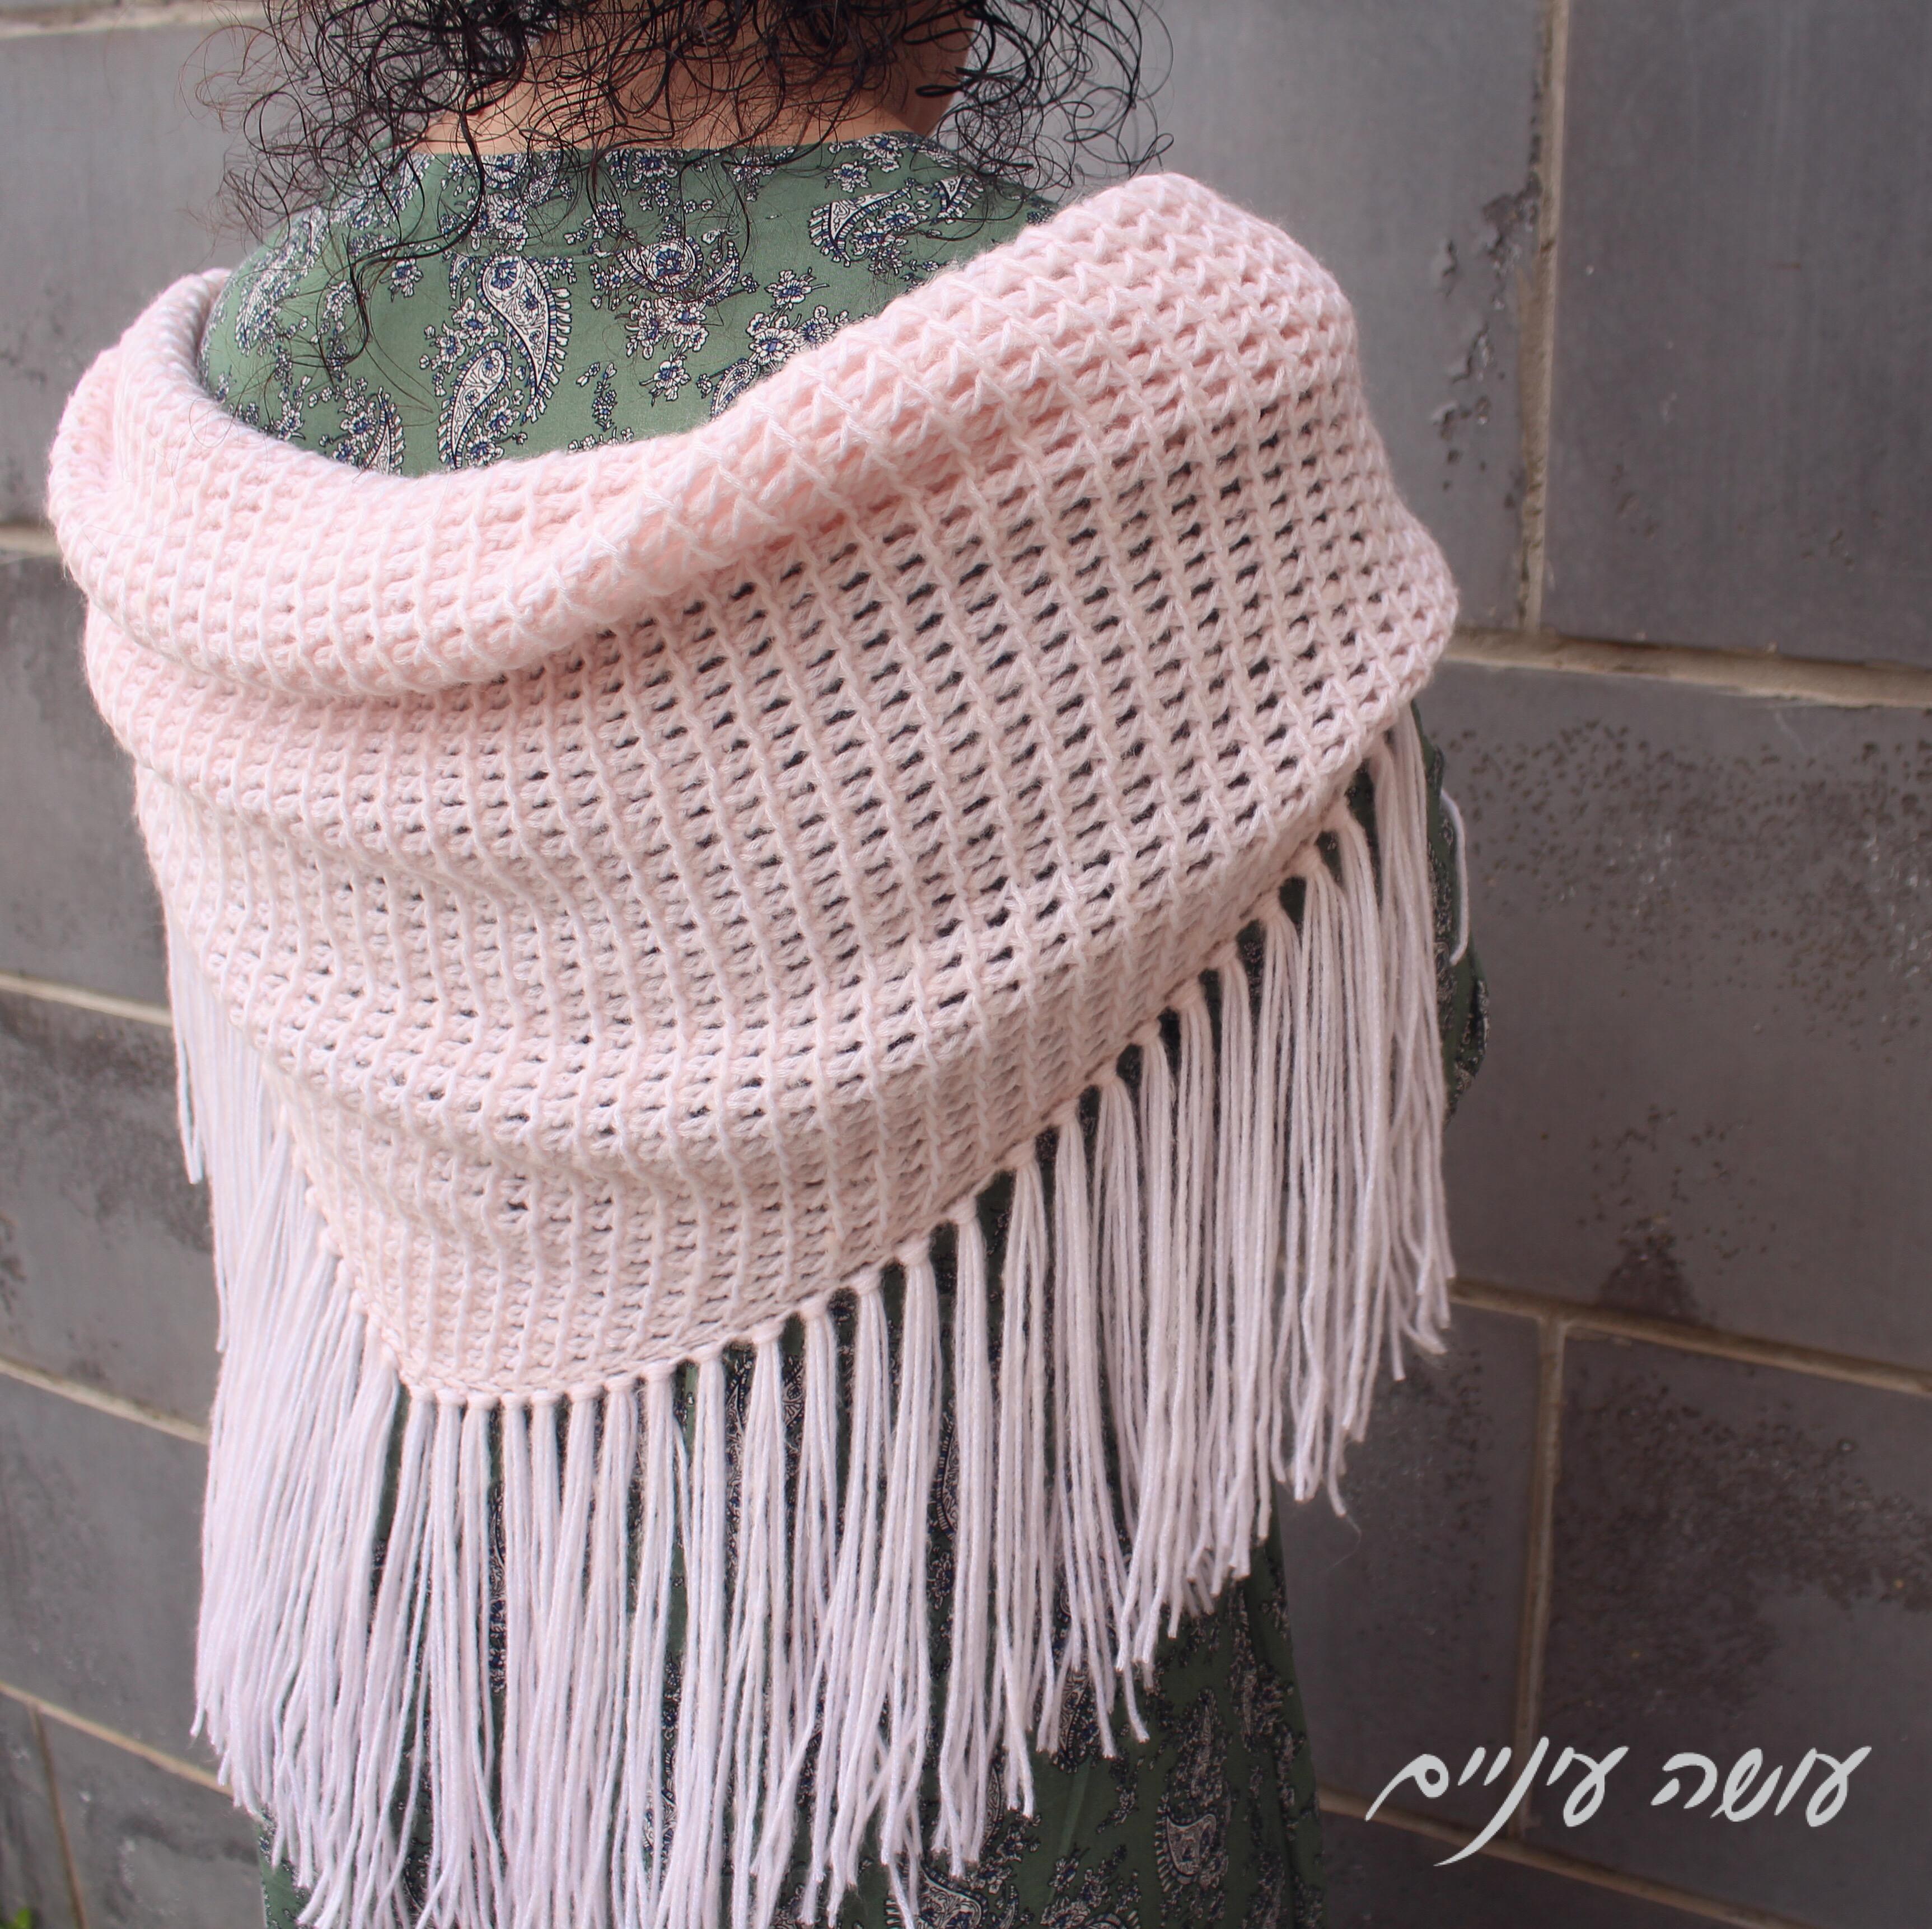 עושה עיניים - צעיף סרוג בסריגה טוניסאית - Daydream shawl